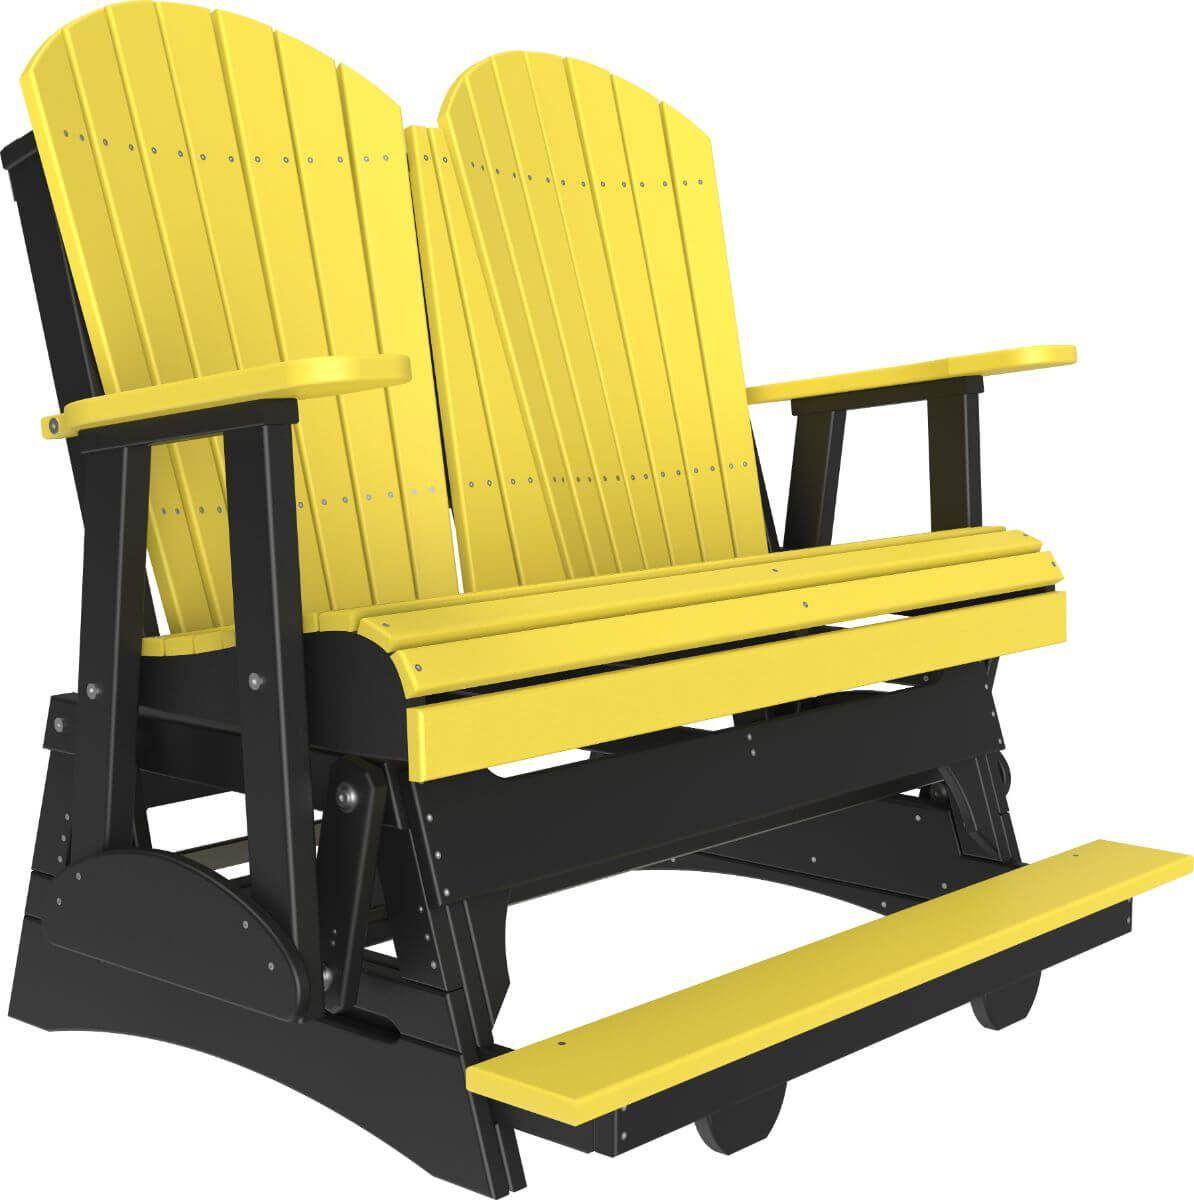 Yellow and Black Tahiti Loveseat Balcony Glider